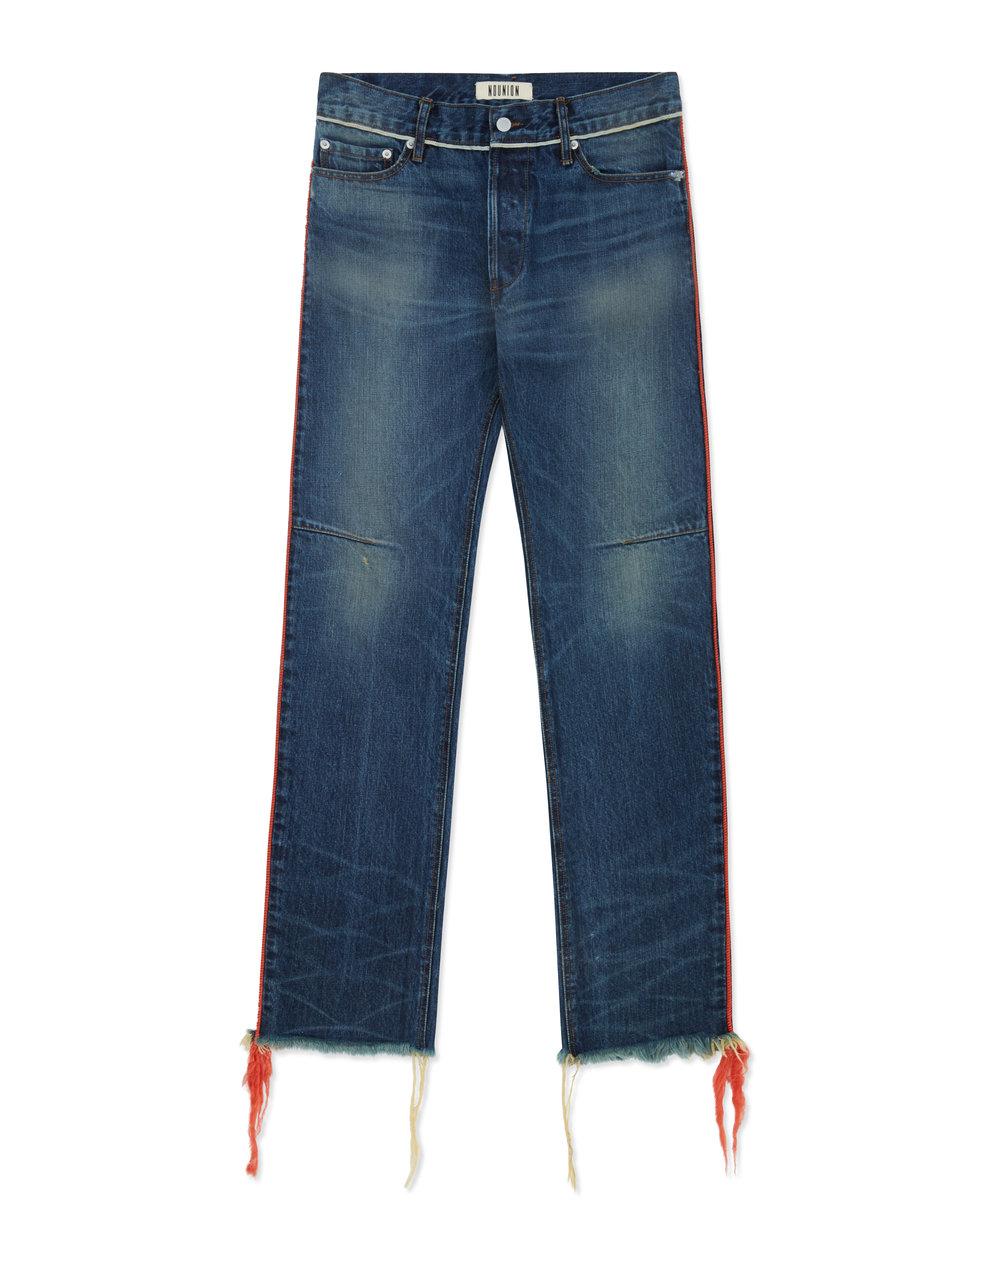 C2-P_01_Rope Vintage wash Jeans_01.jpg